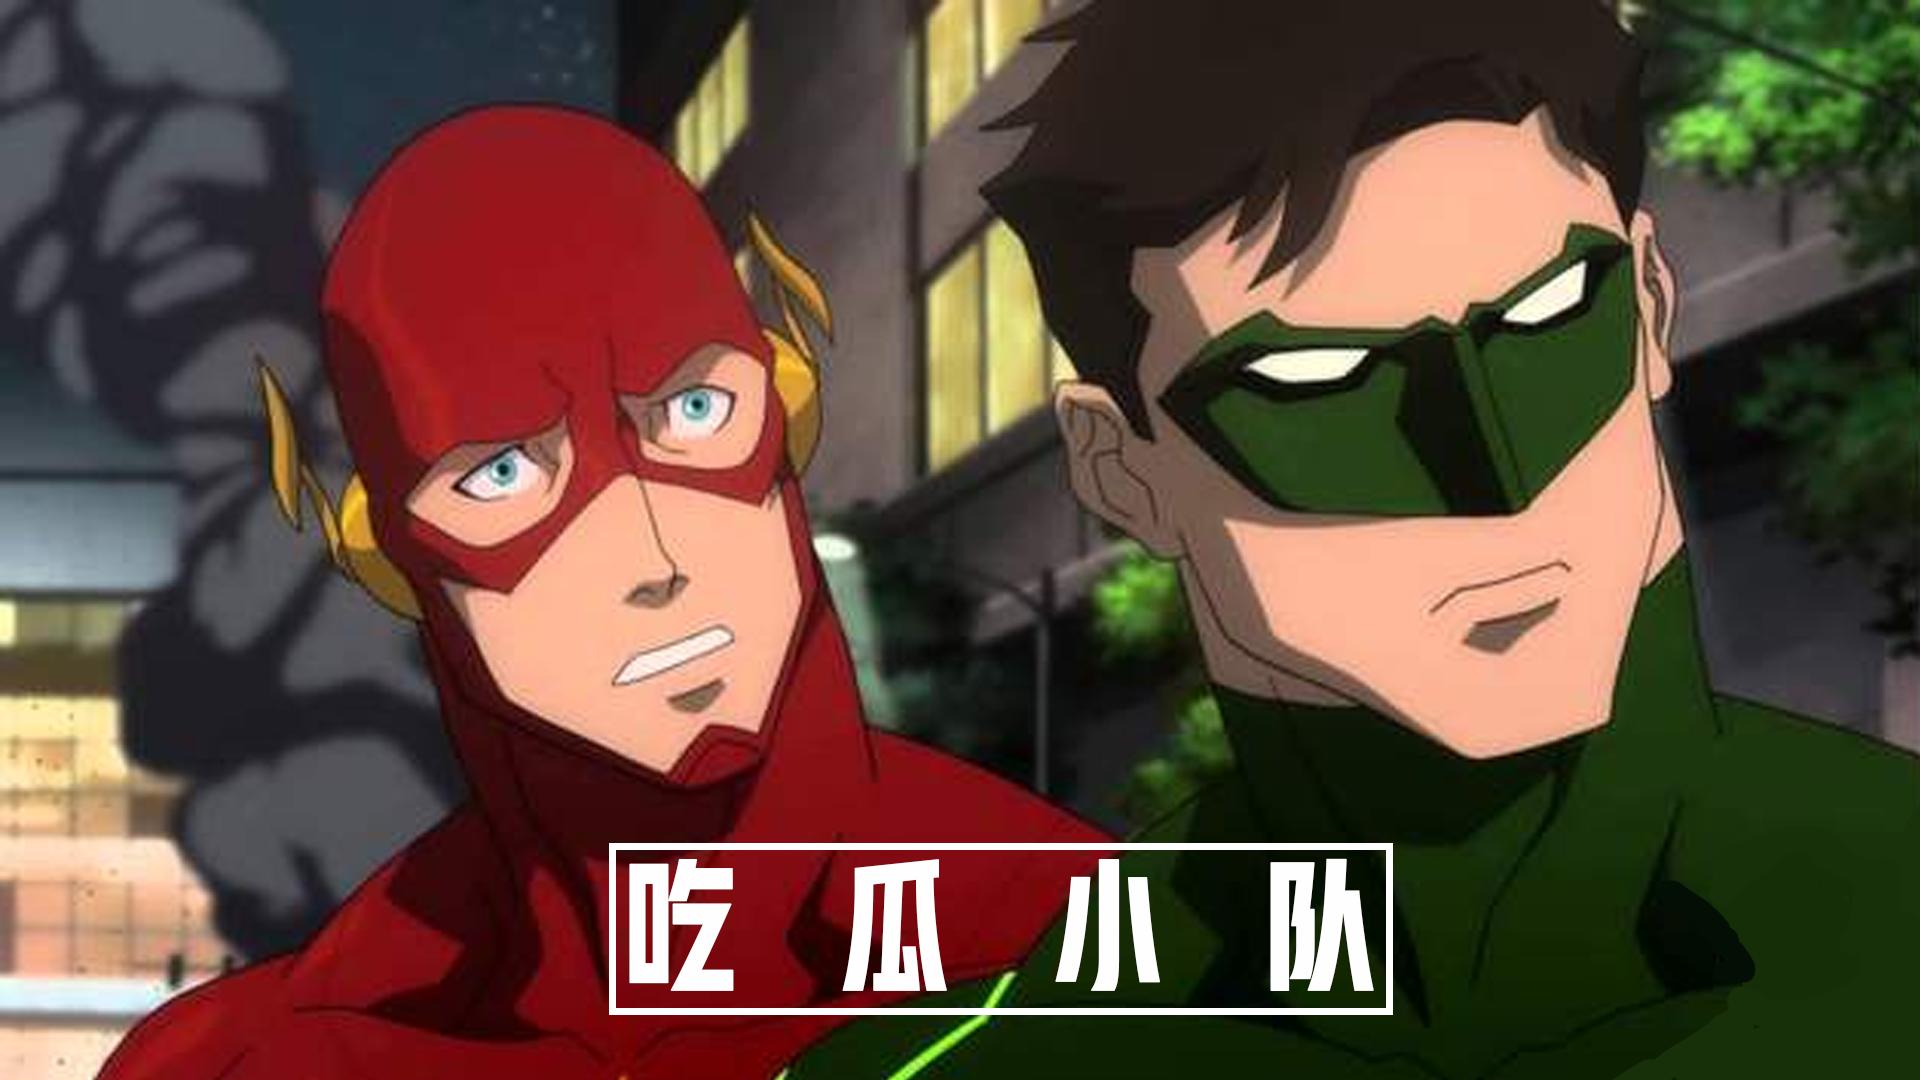 【2020高考应援】:哥谭高考季,正义联盟神仙斗法,谁知钢骨早已看穿一切!